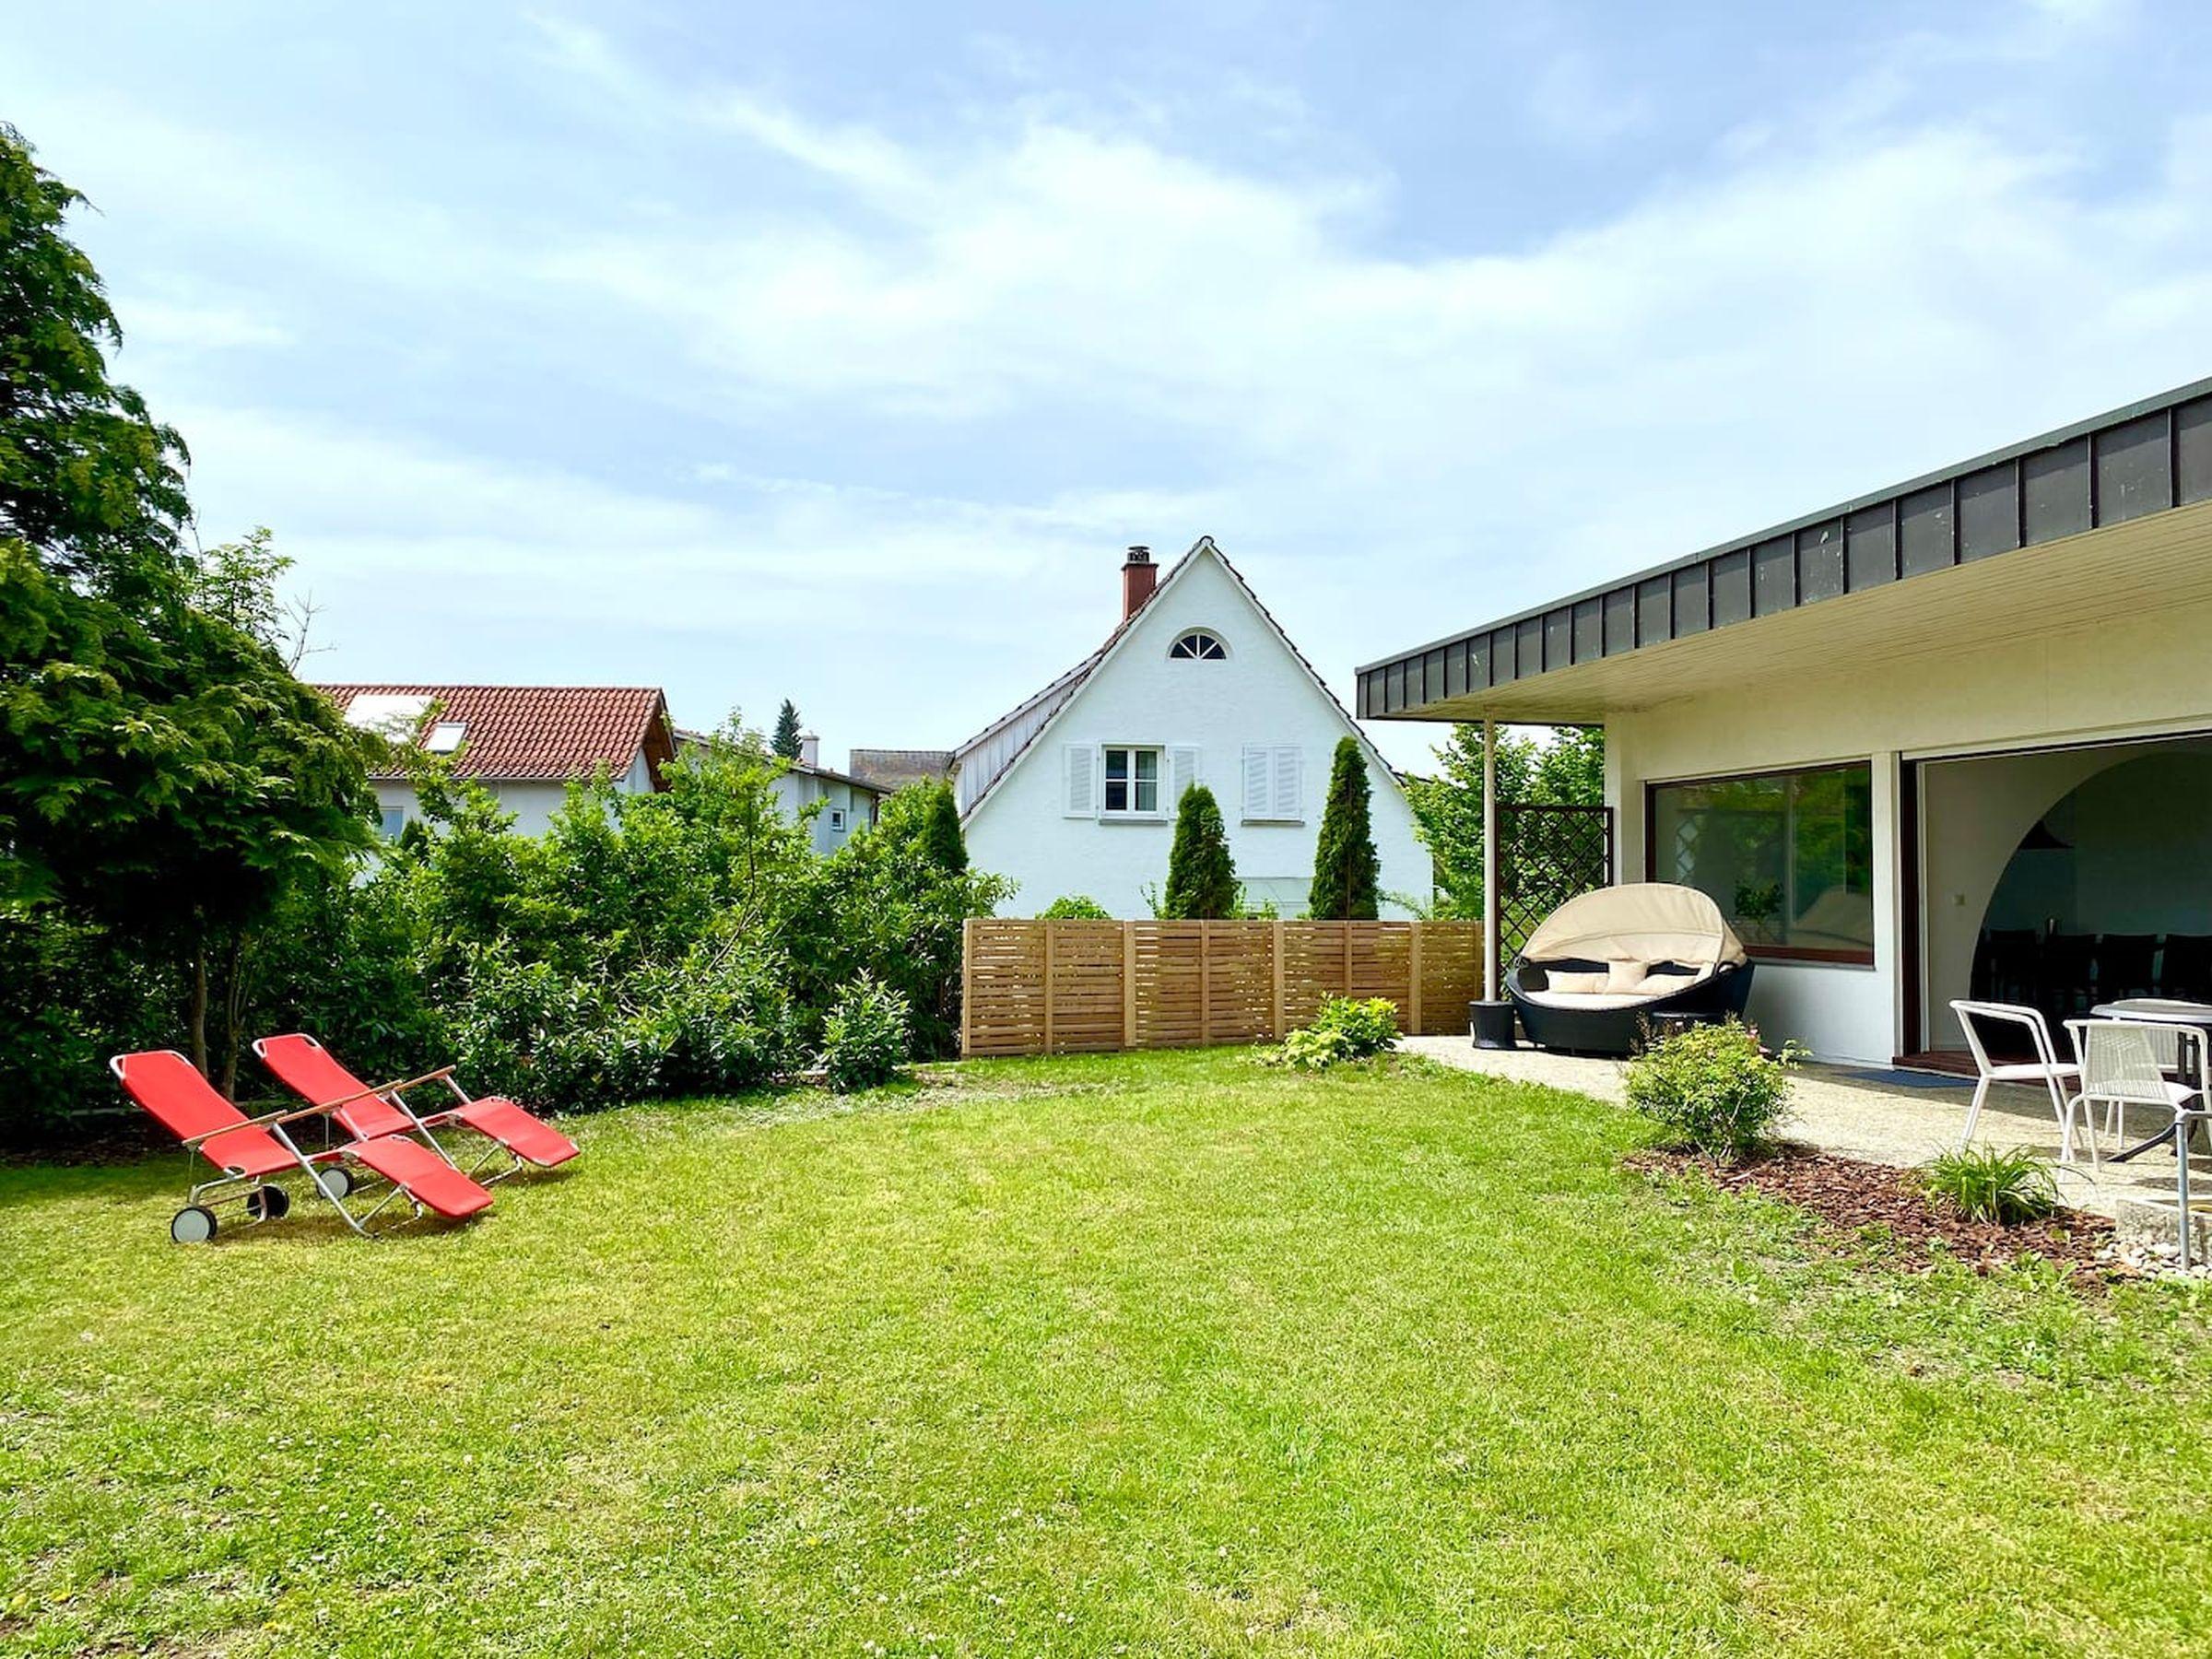 Bodensee Bungalow, (Immenstaad). Ferienhaus, 180 q Ferienhaus am Bodensee